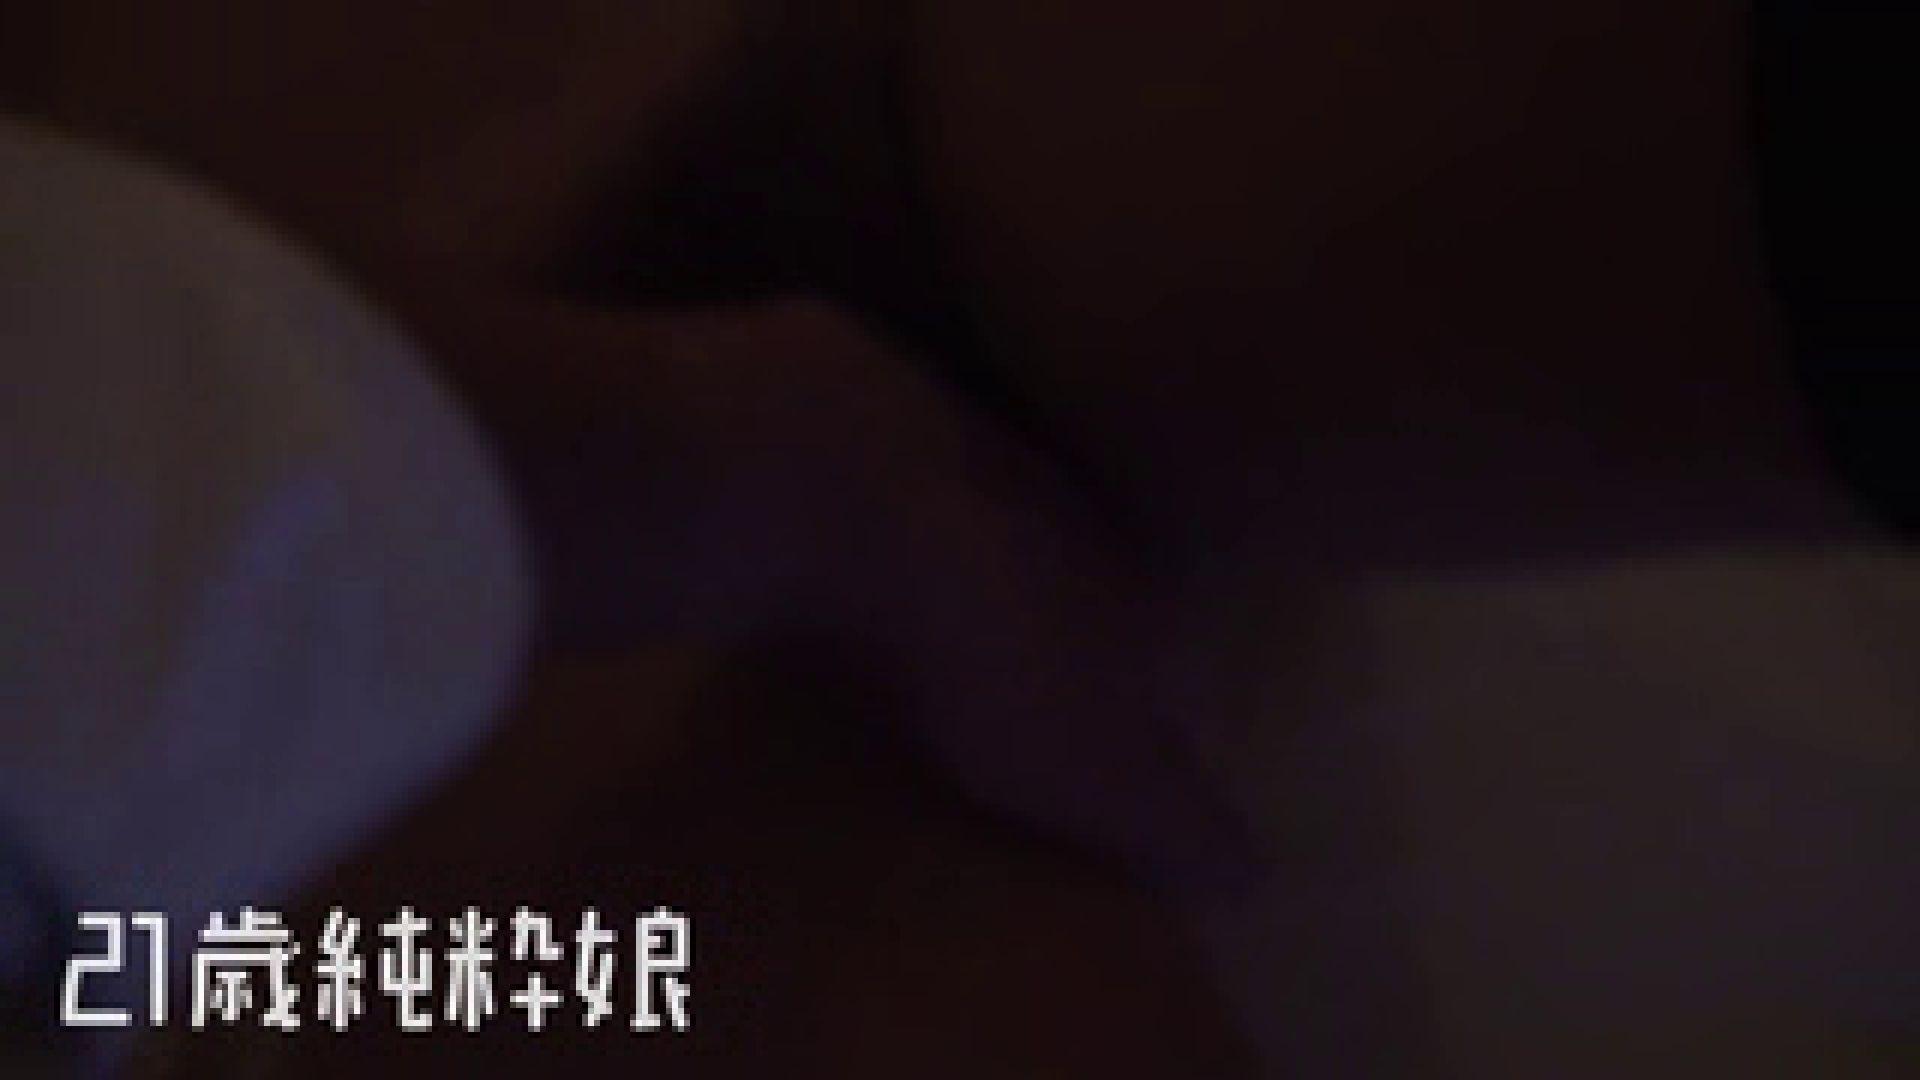 上京したばかりのGカップ21歳純粋嬢を都合の良い女にしてみた4 友人 | ホテル  60連発 26